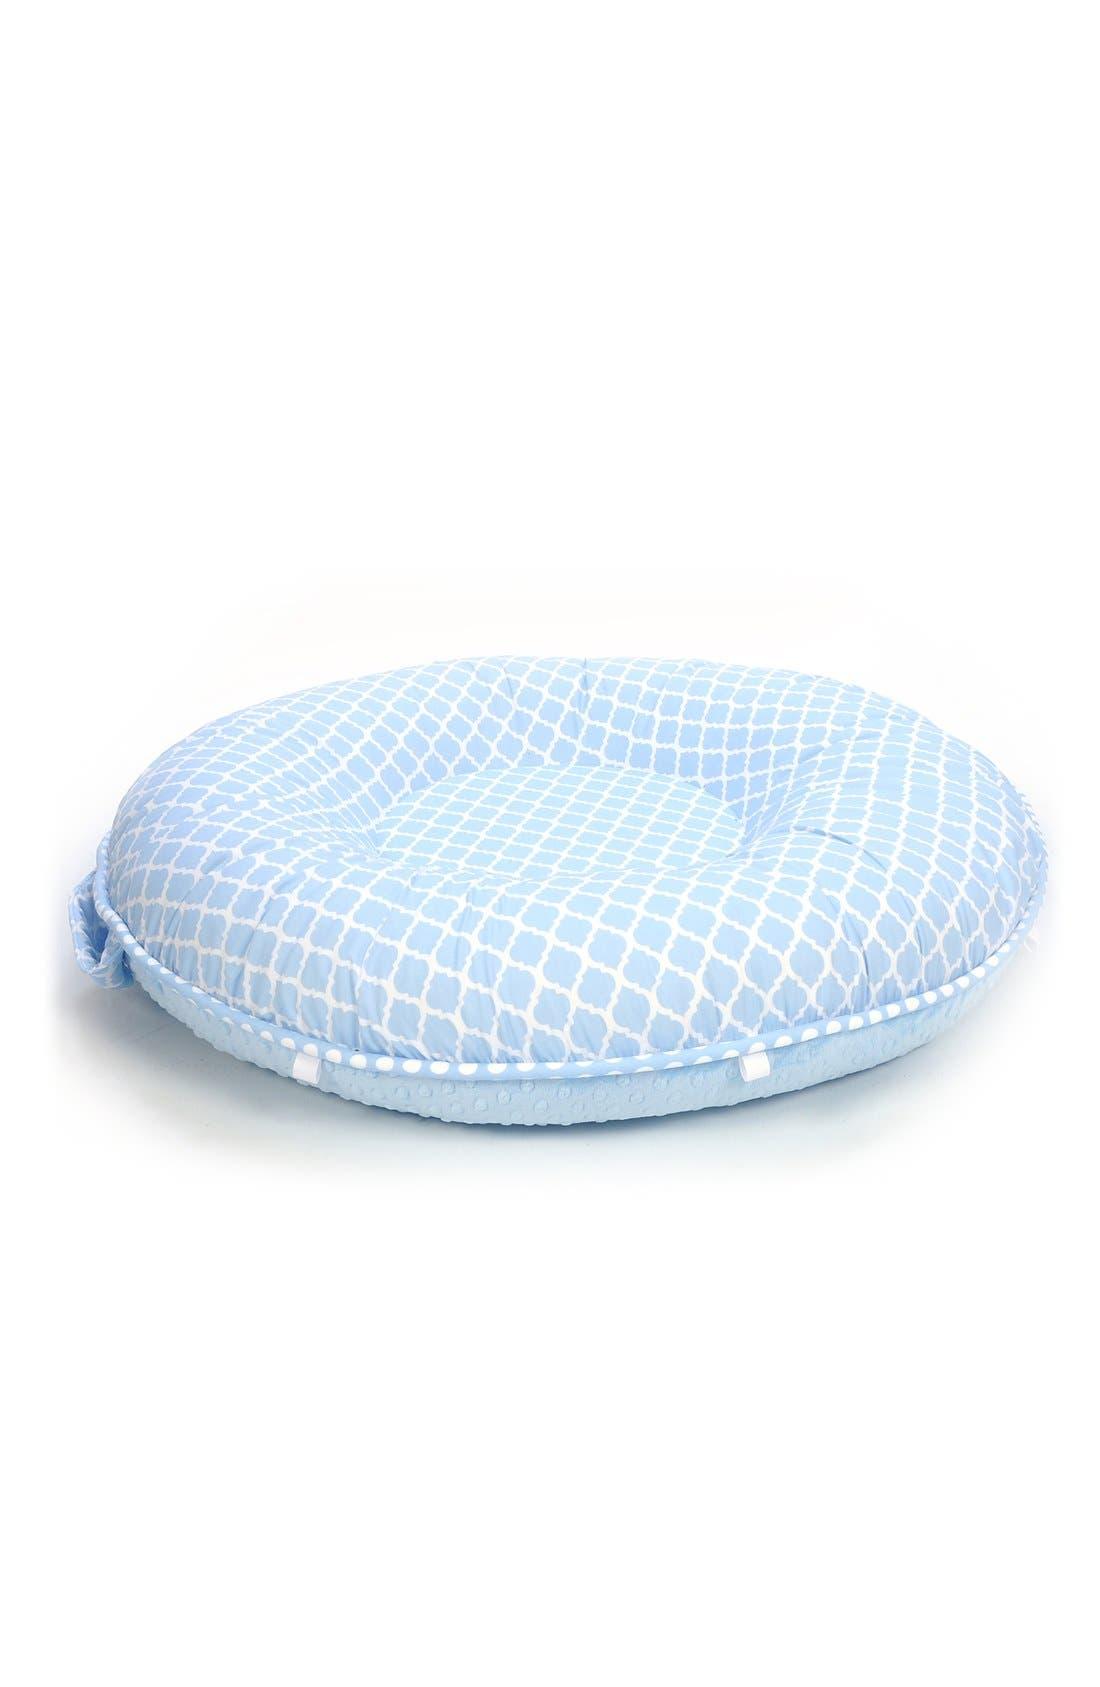 'Jack' Portable Floor Pillow,                         Main,                         color, Blue